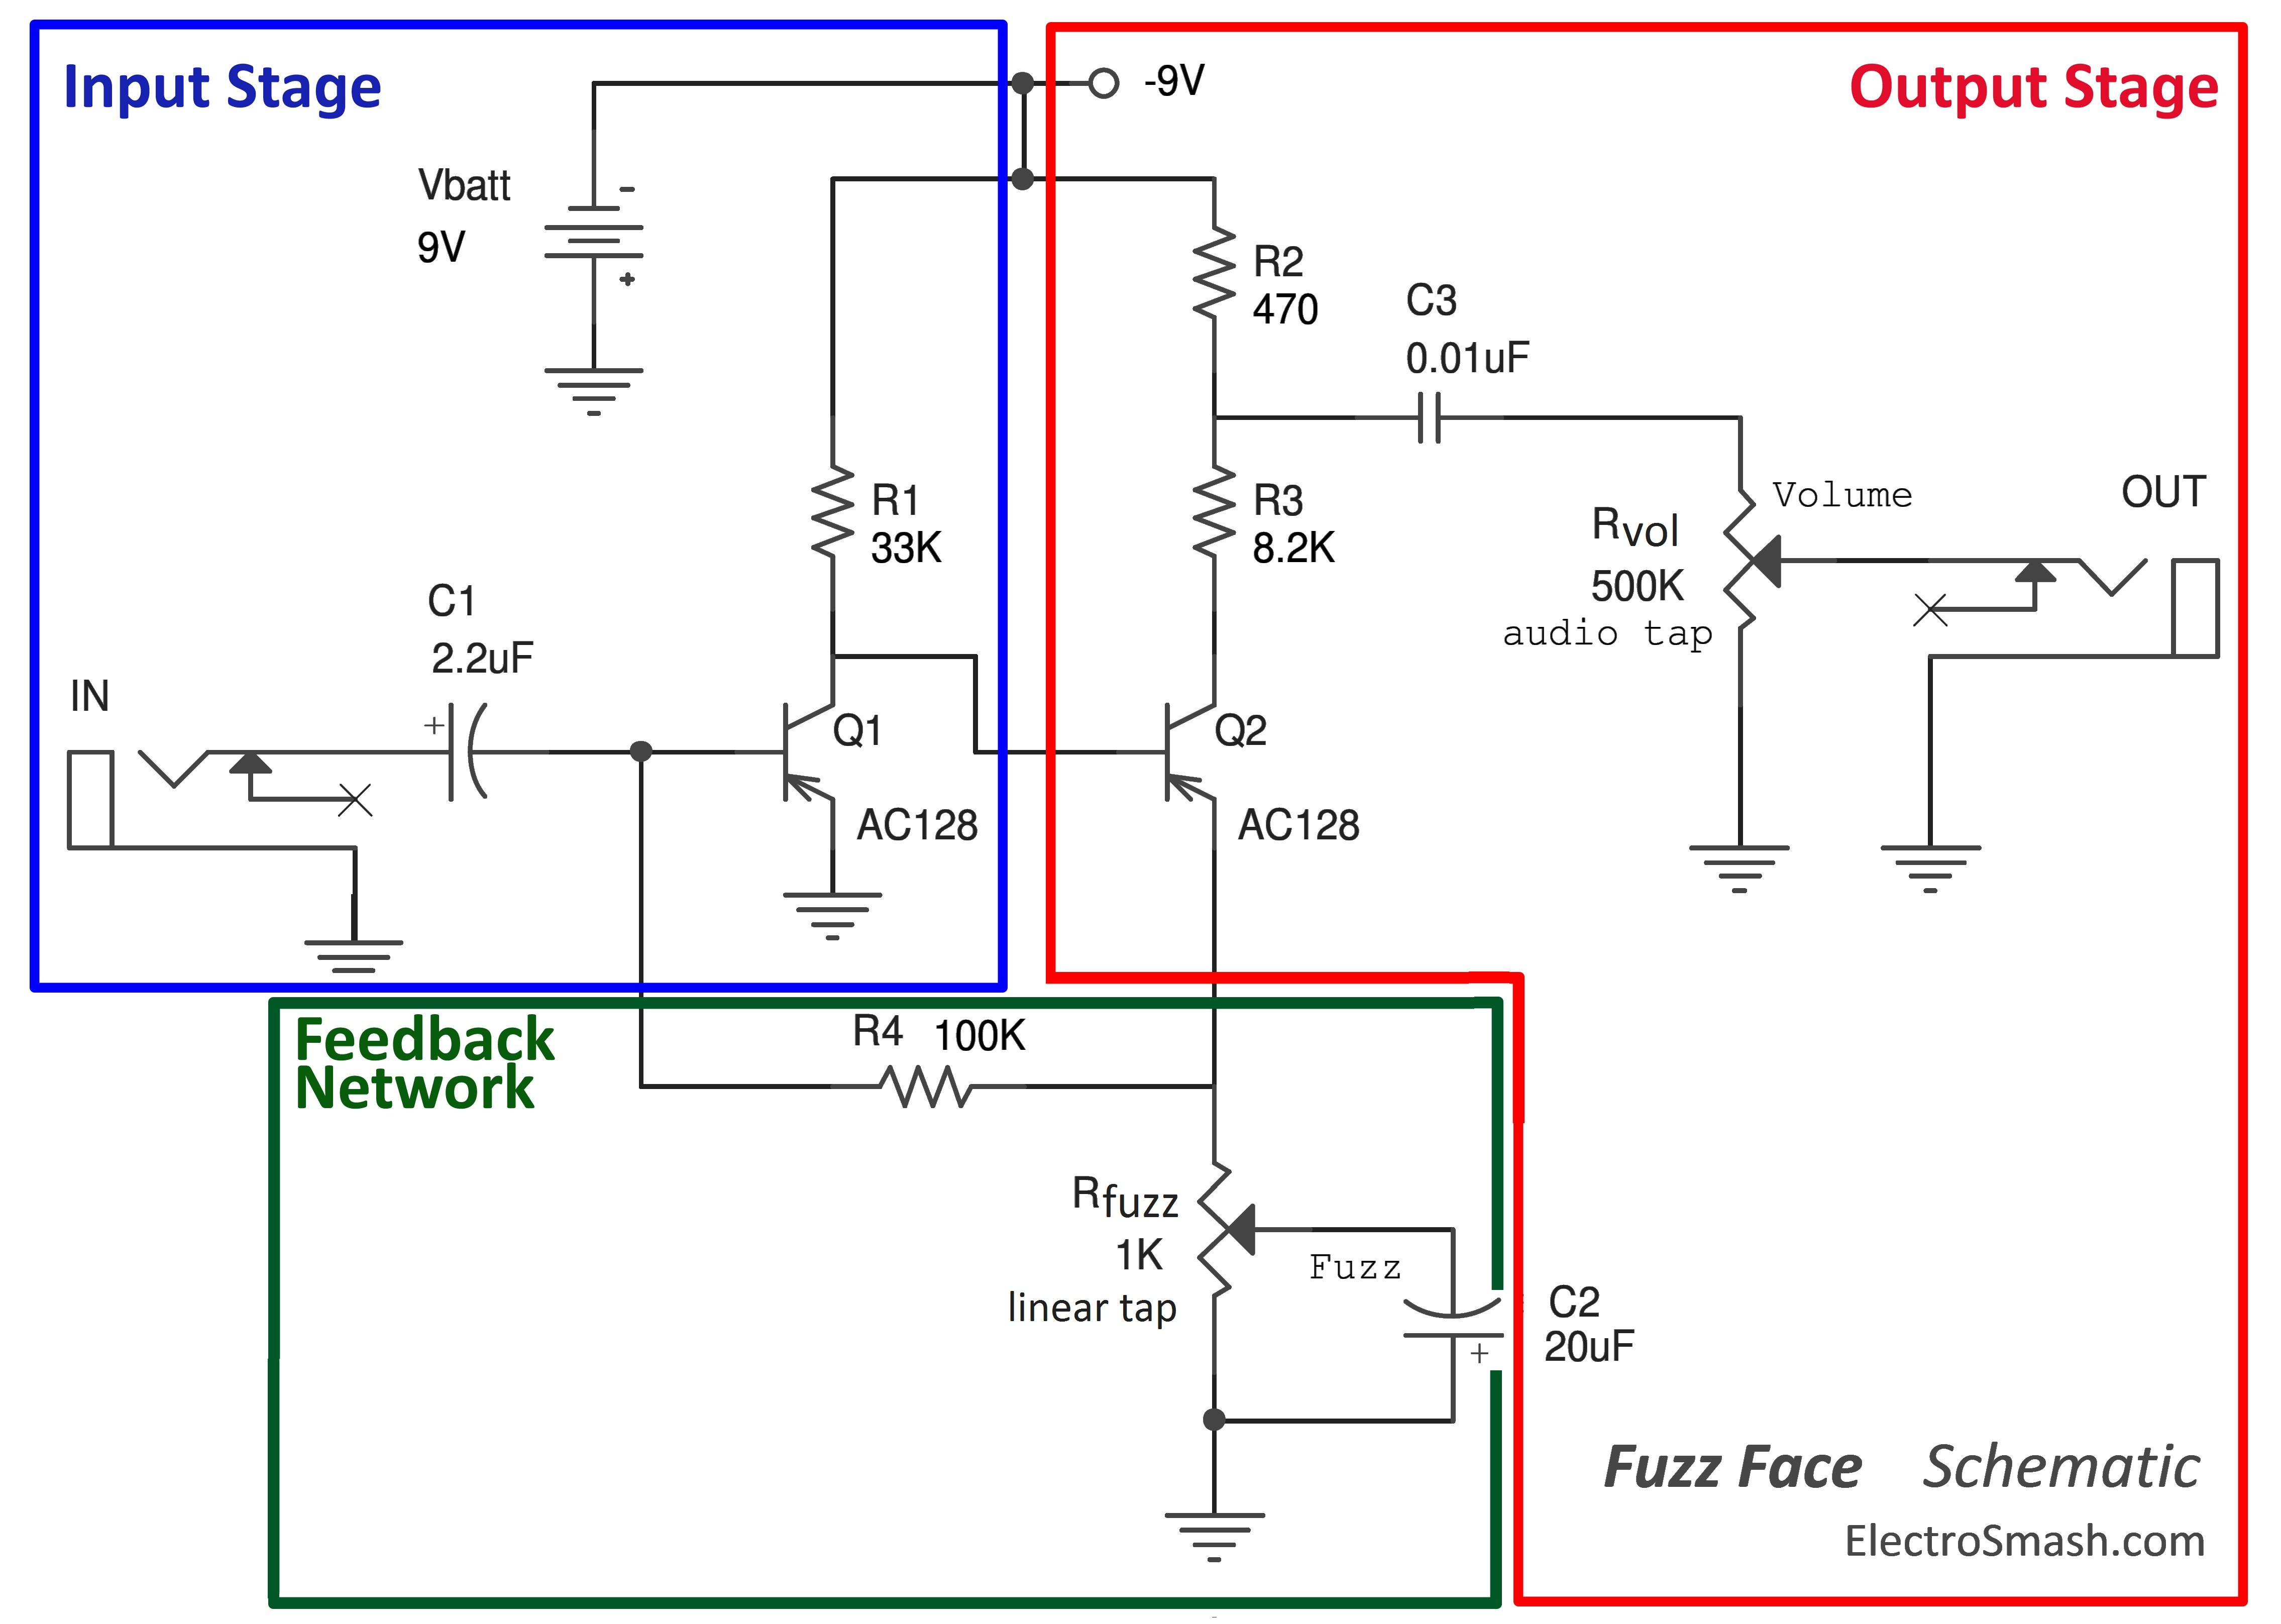 [DIAGRAM_34OR]  F981F Garbage Disposal Dishwasher Wiring Diagram   Wiring Library   Wiring Diagram For A Garbage Disposal      Wiring Library